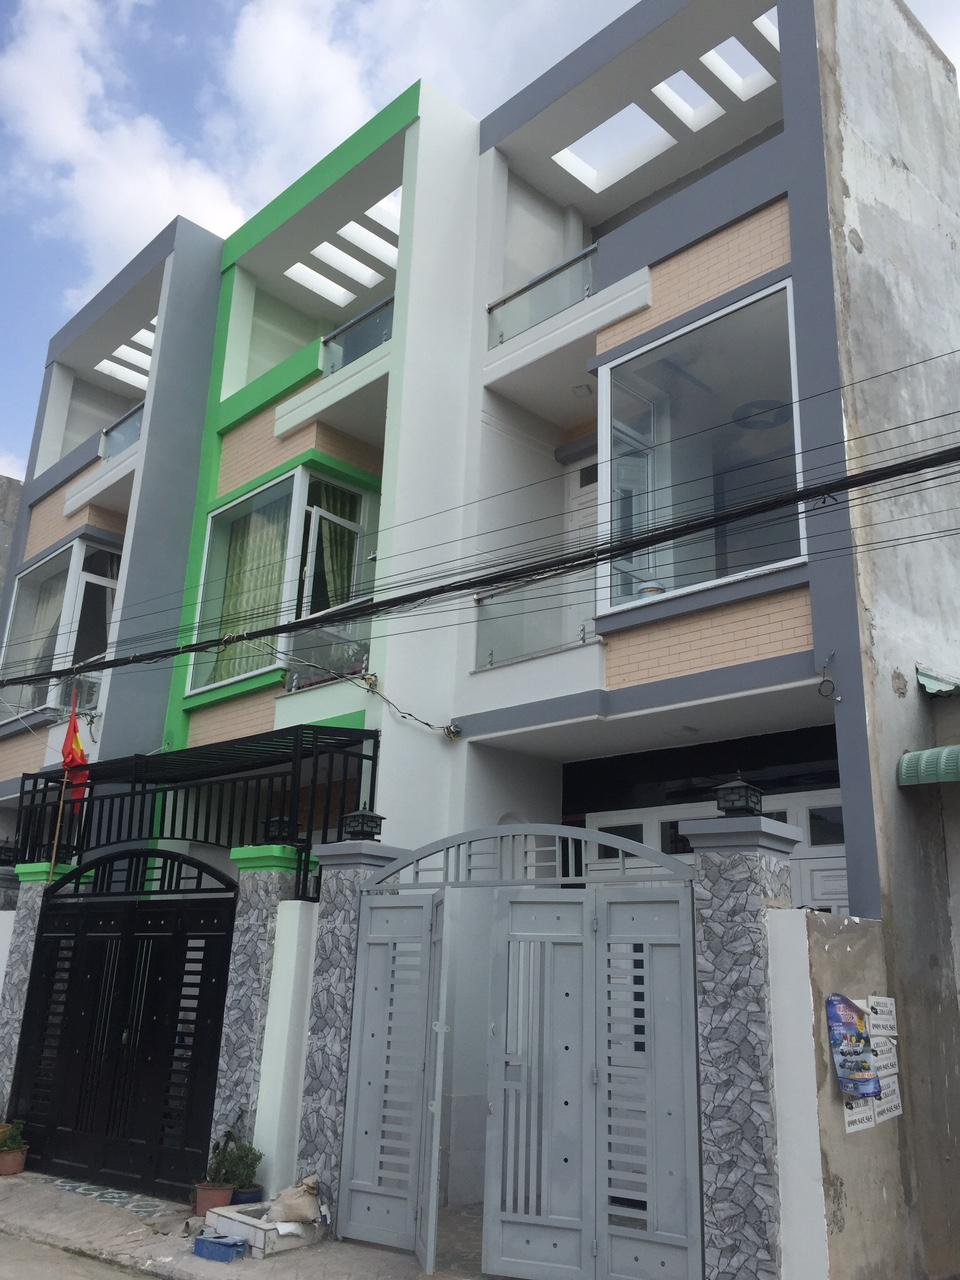 Bán nhà 1 trệt 1 lầu,giá rẻ,đường nguyễn đình chiểu,phường đông hòa,dĩ an, bình dương,100m